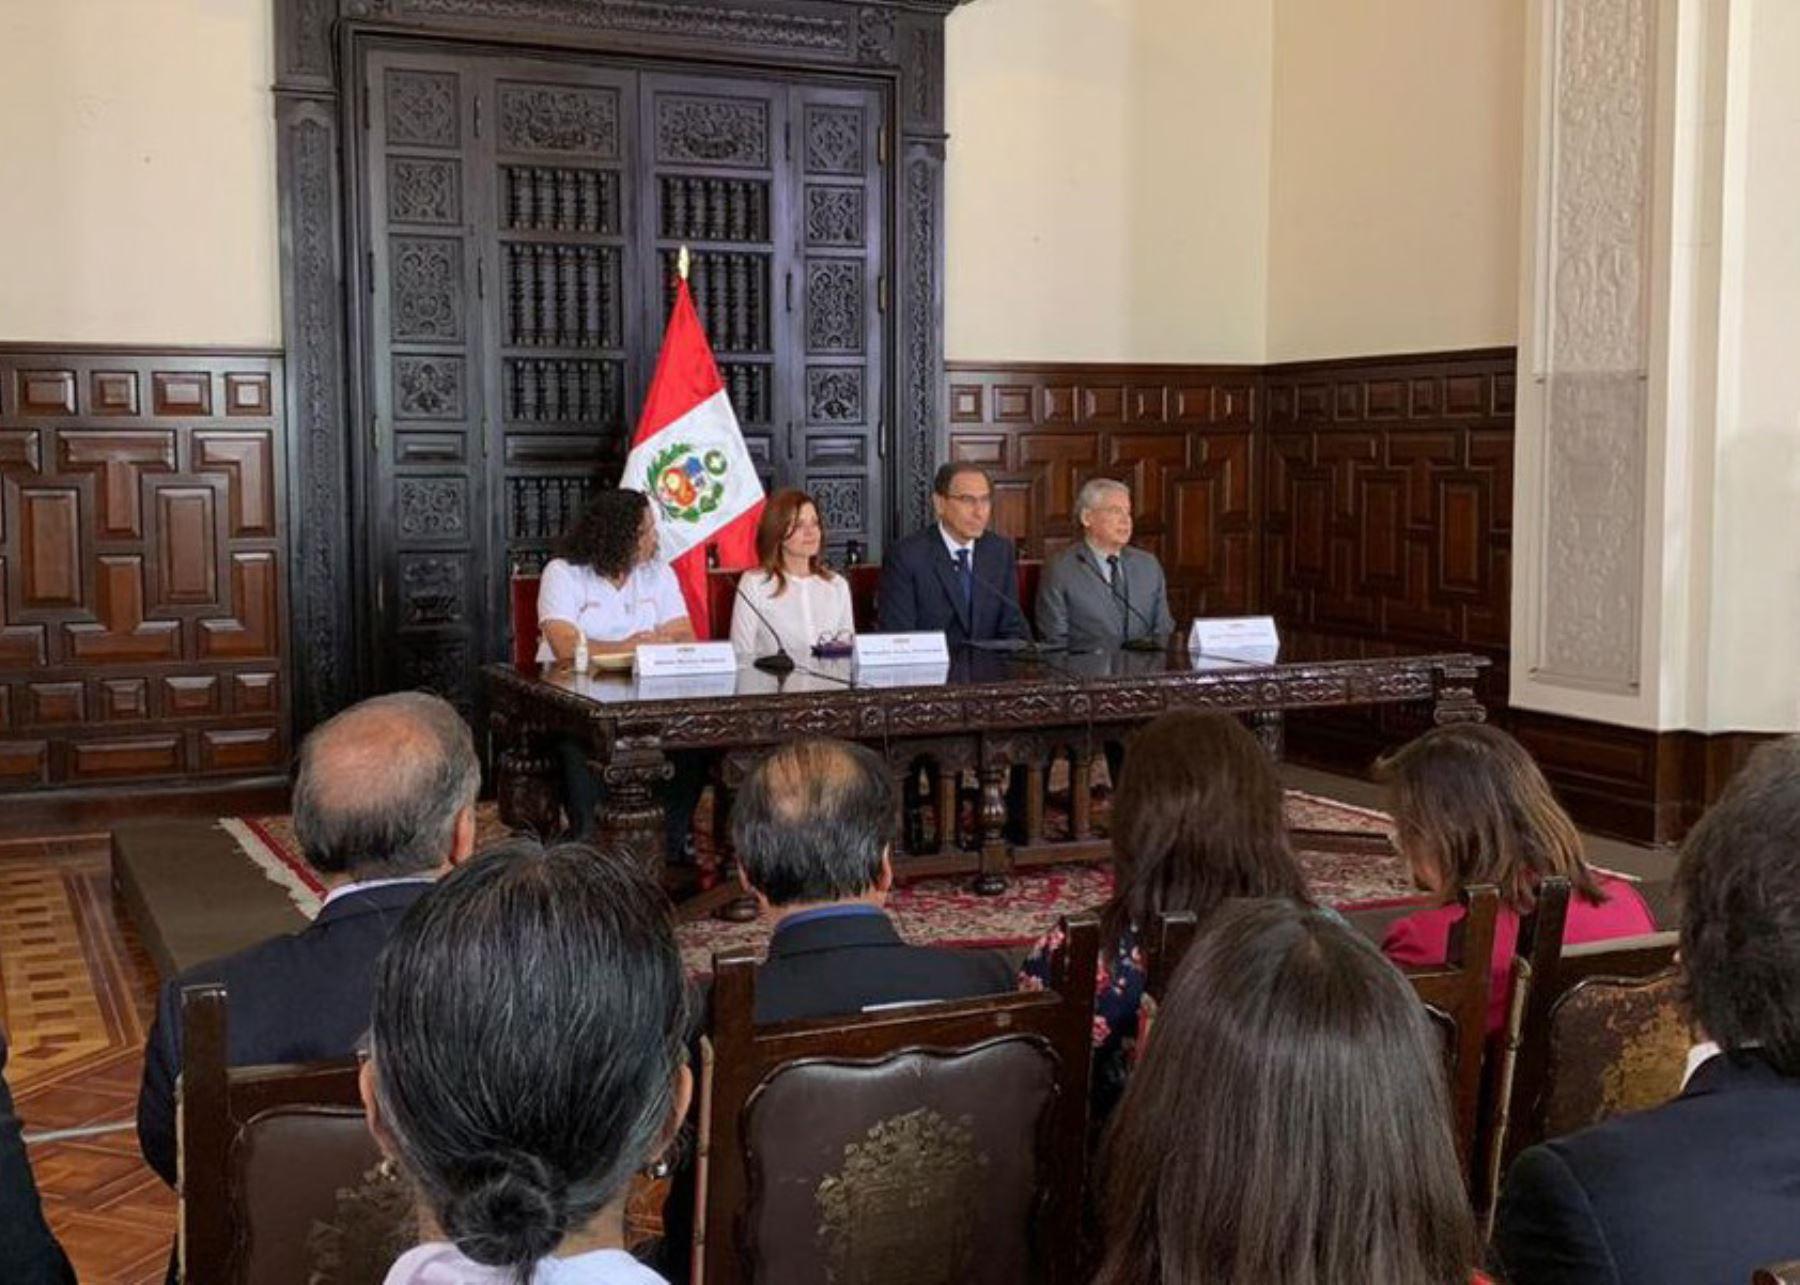 Presidente Martín Vizcarra promulgó ley que regula plástico de un solo uso.